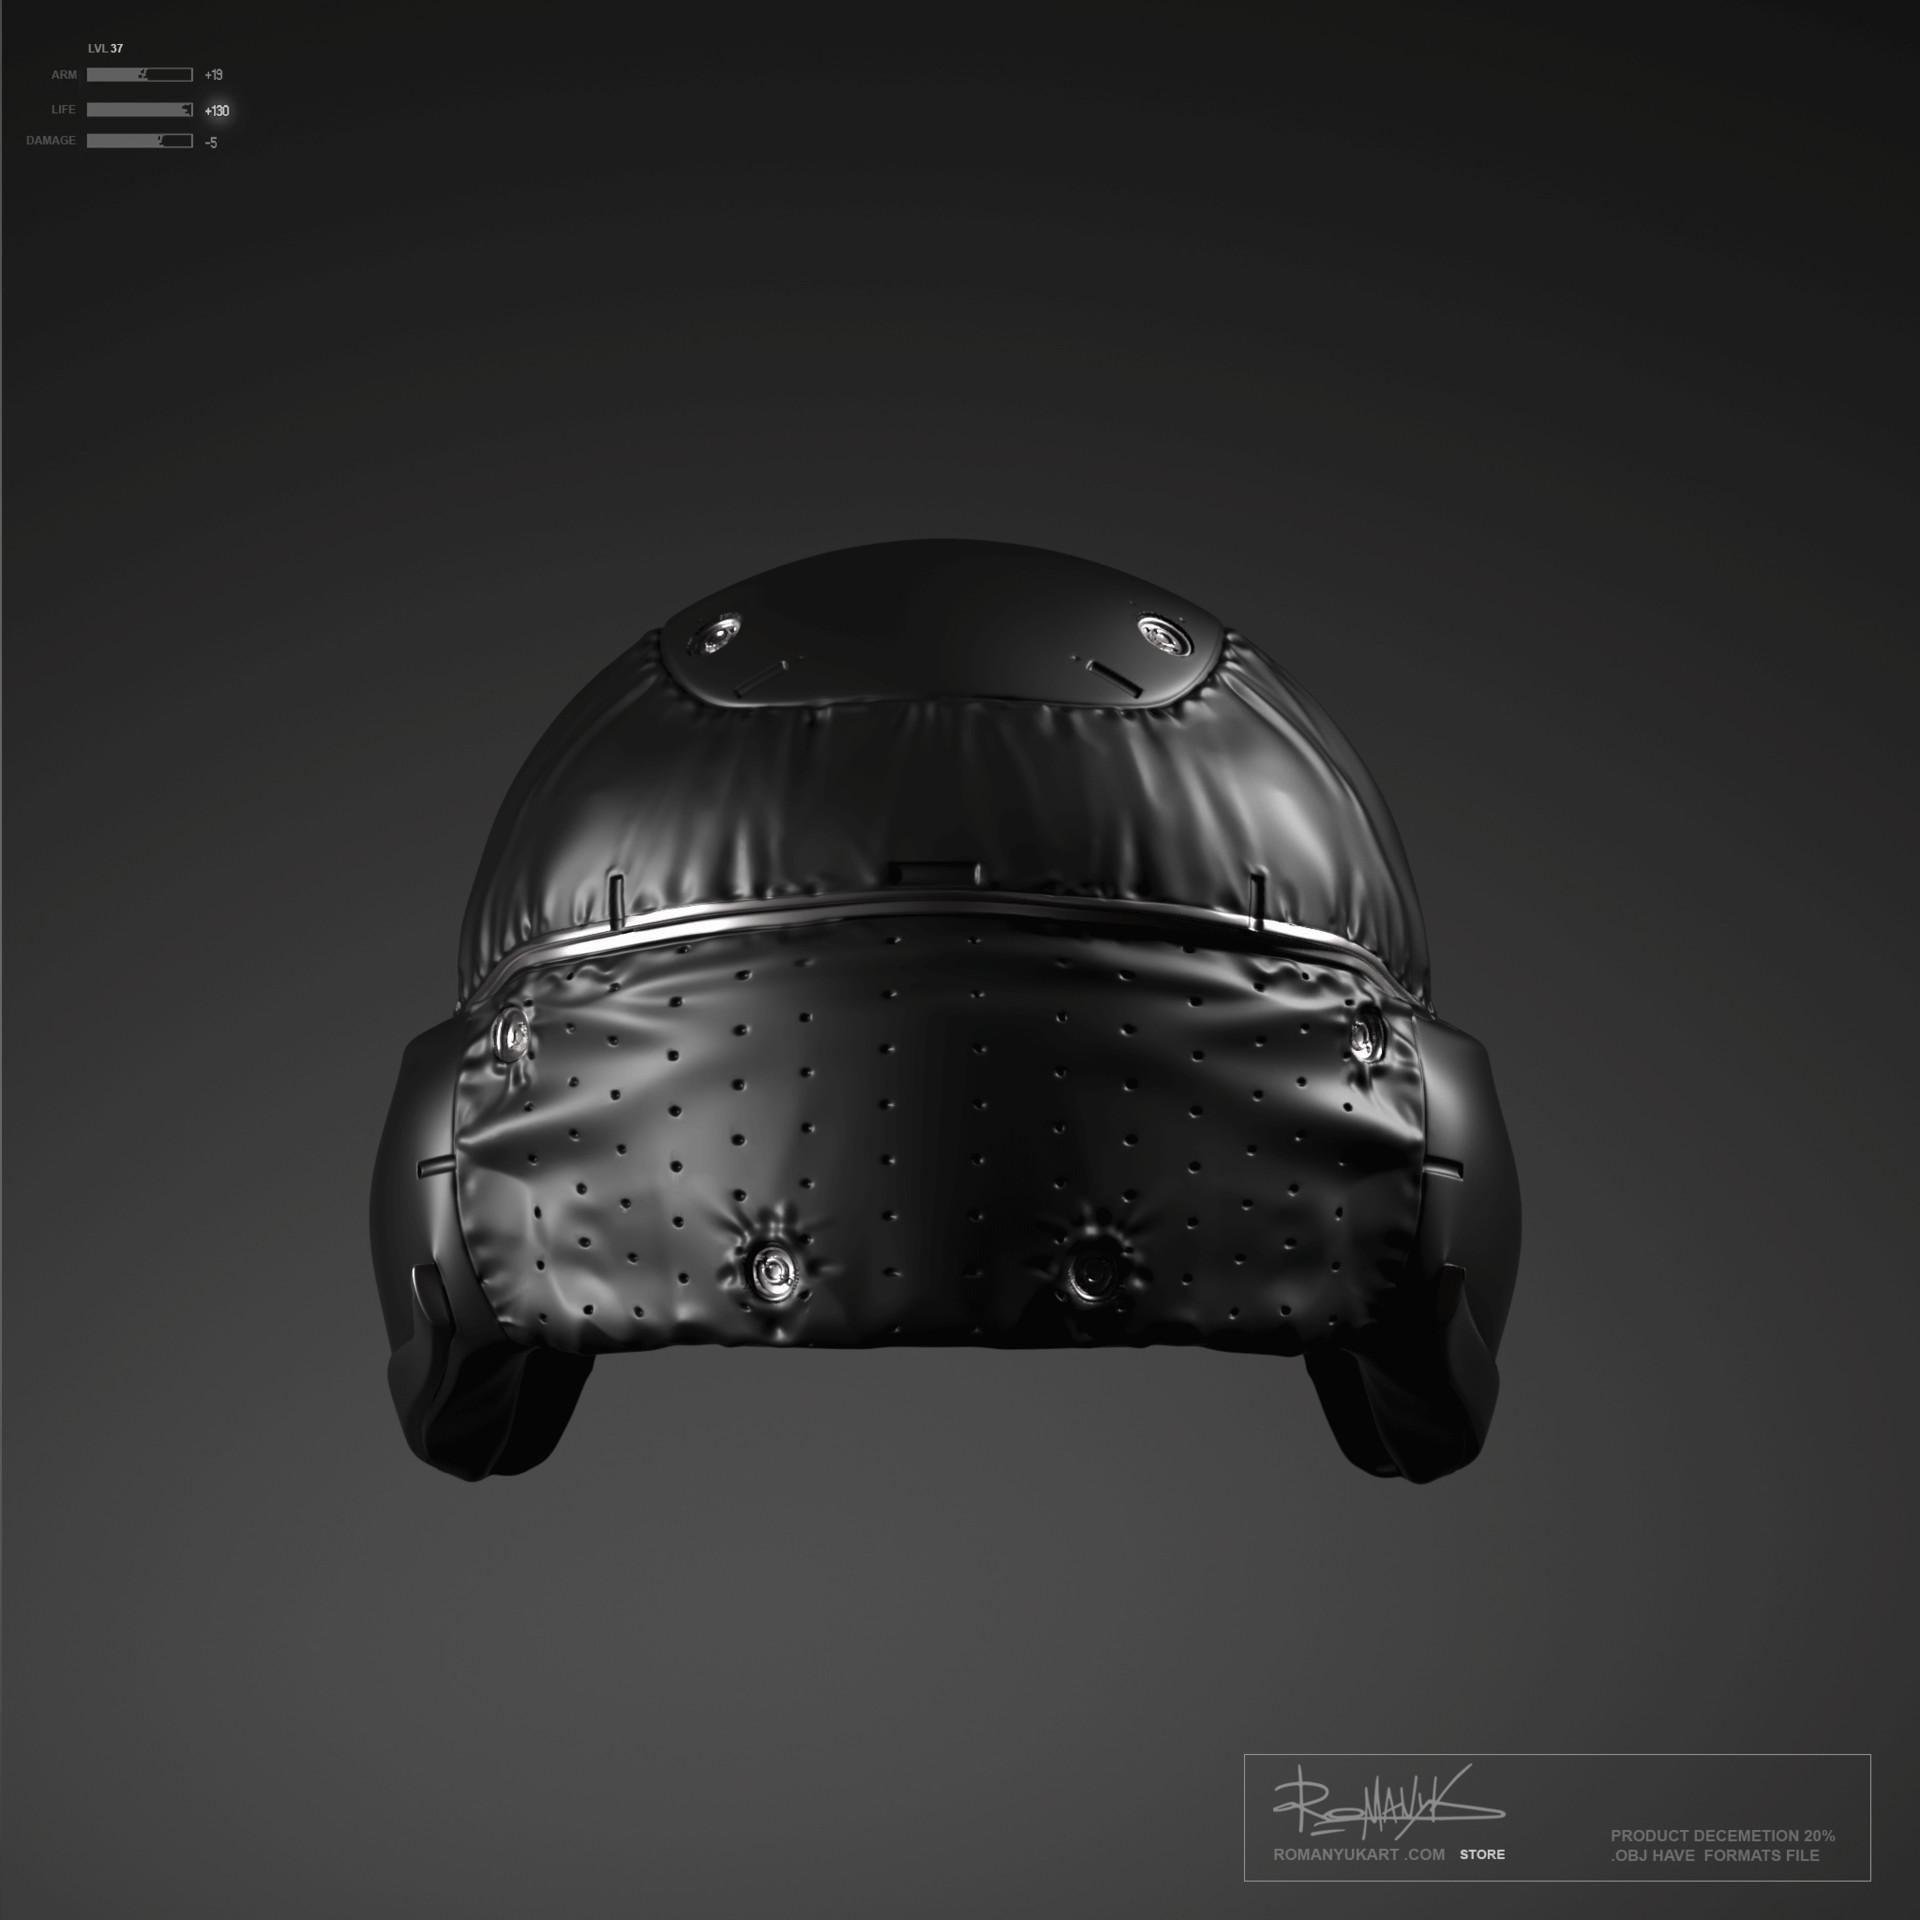 Yuriy romanyk helmets2